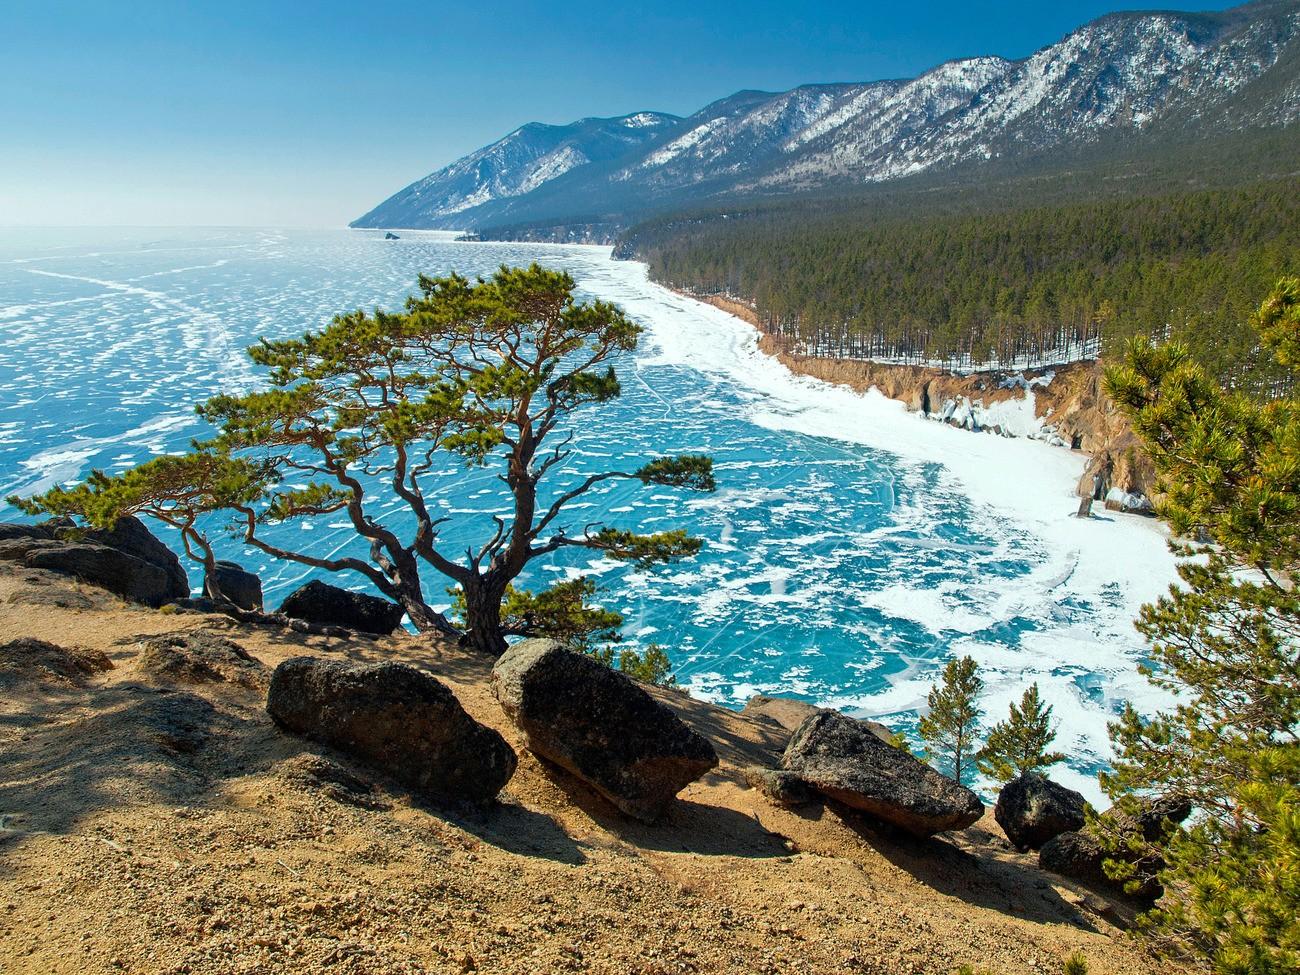 Байкал: величайшее озеро